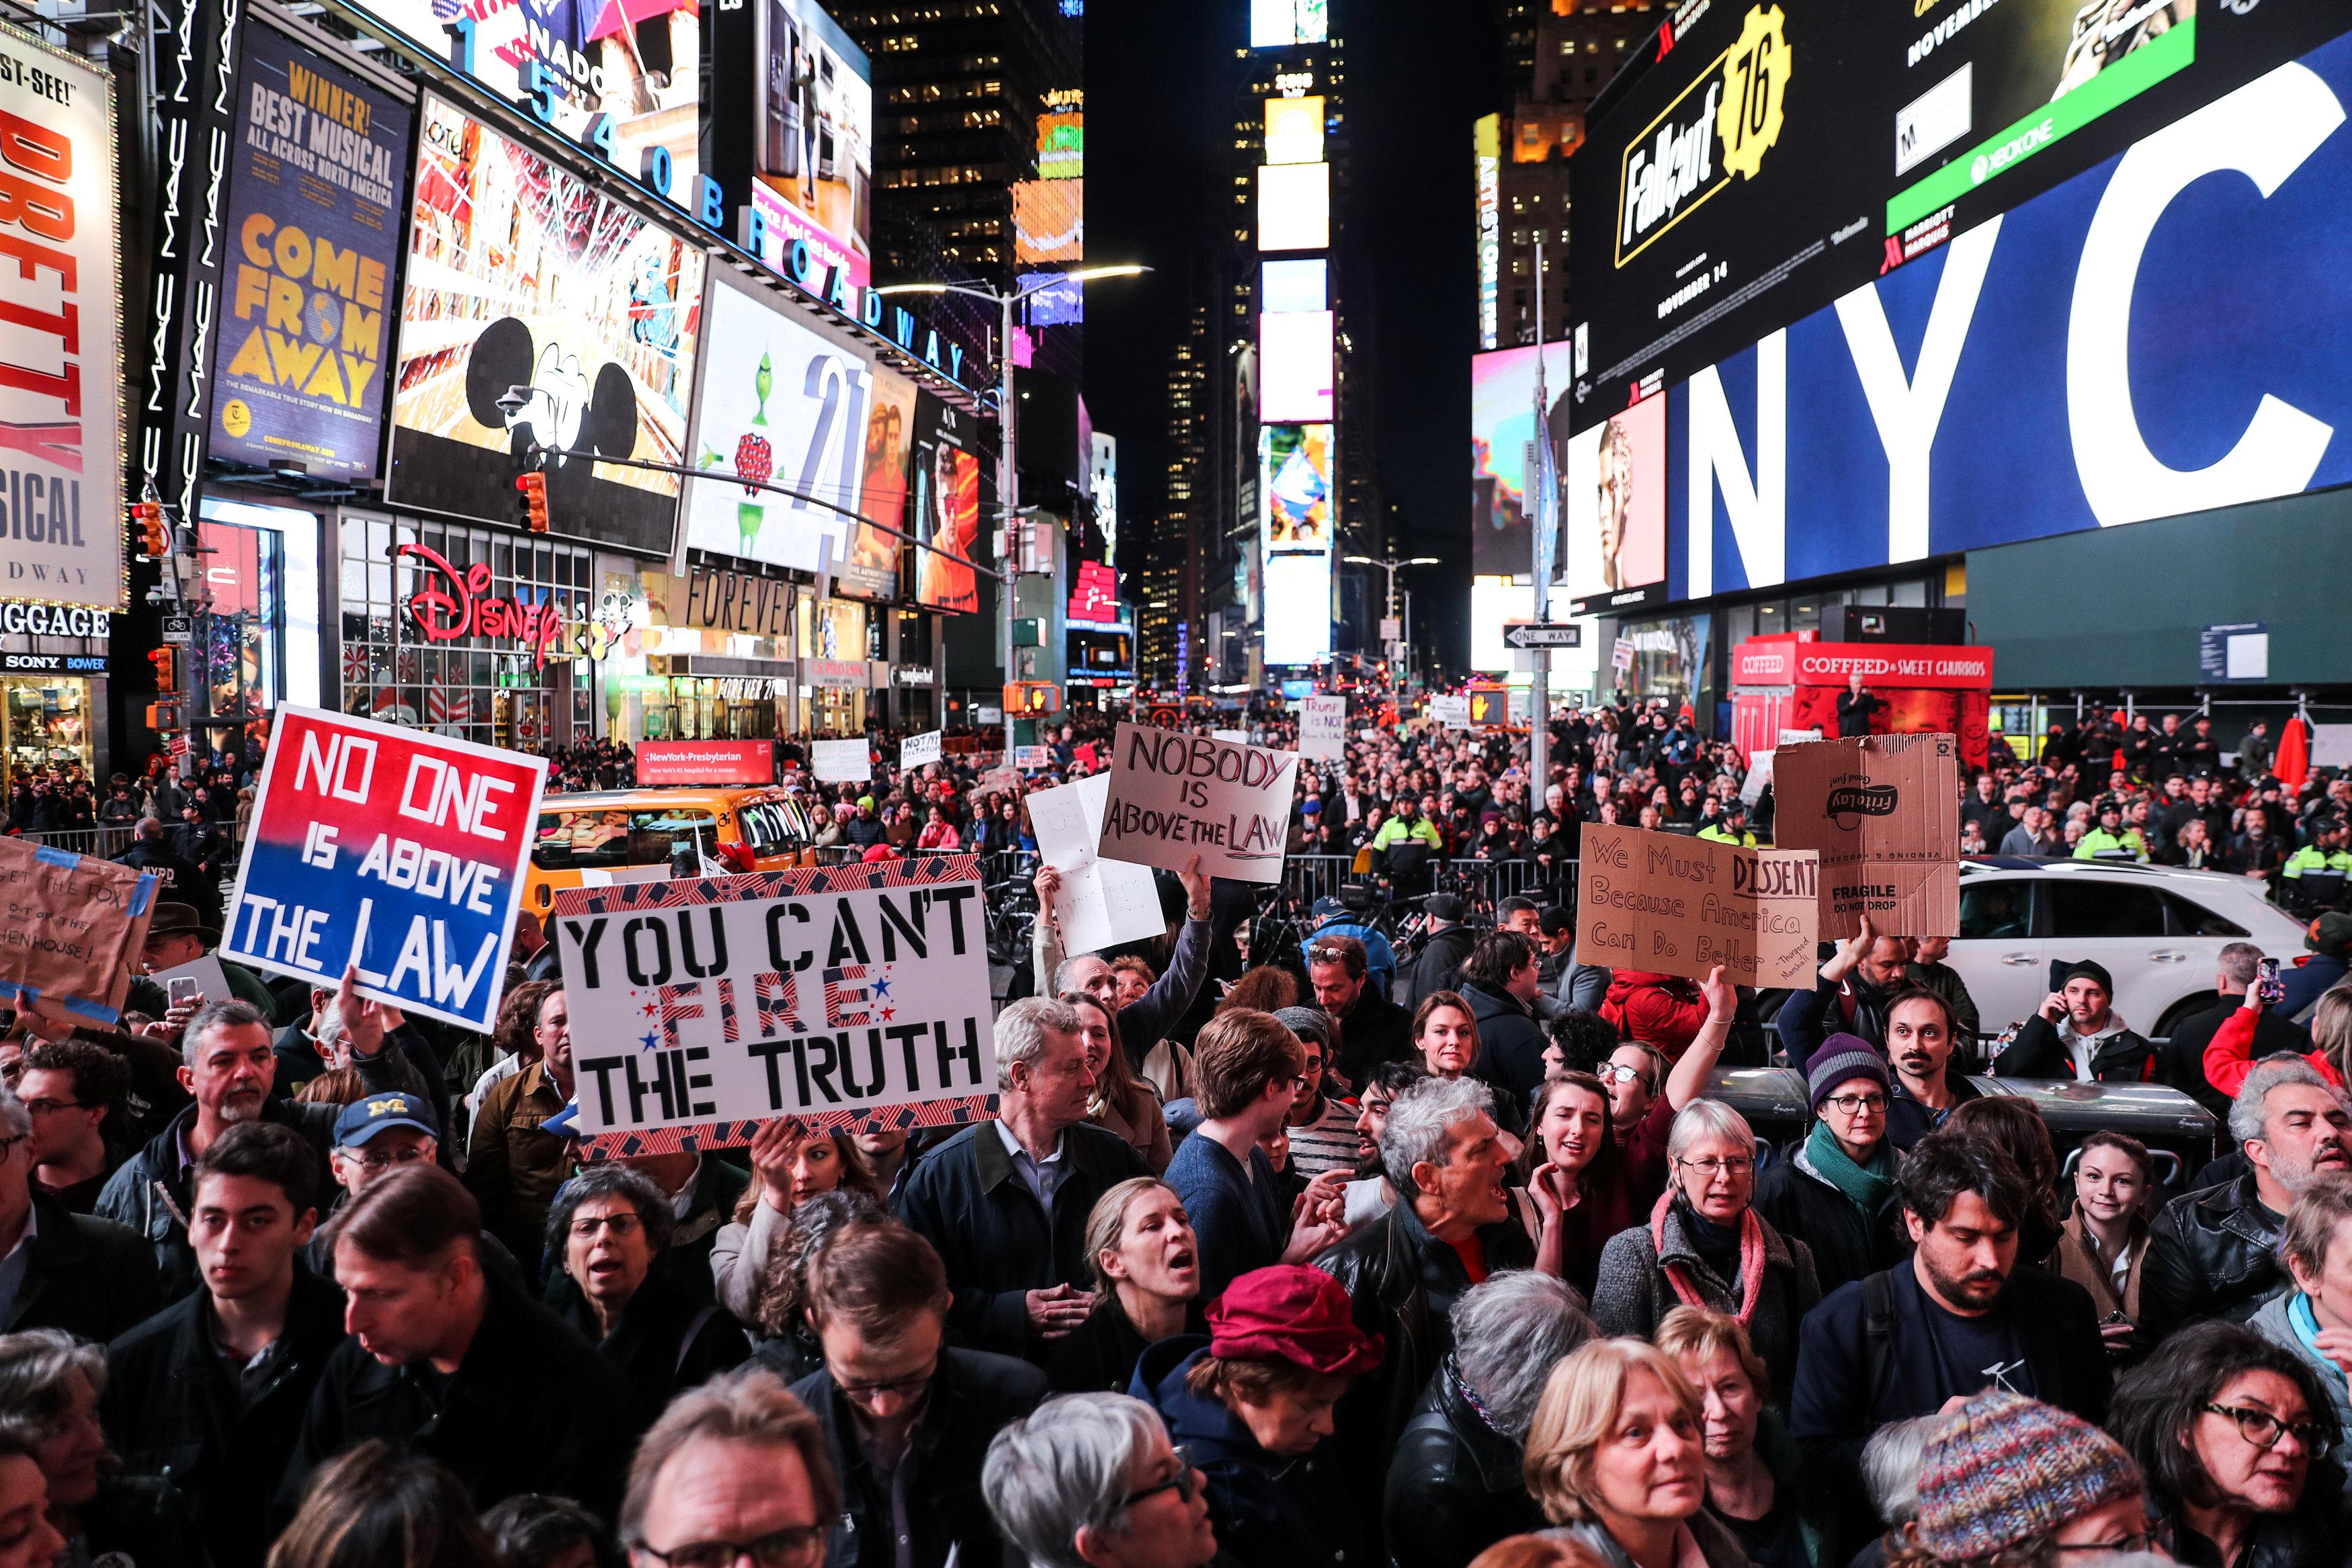 مسيرة فى أمريكا ضد ترامب